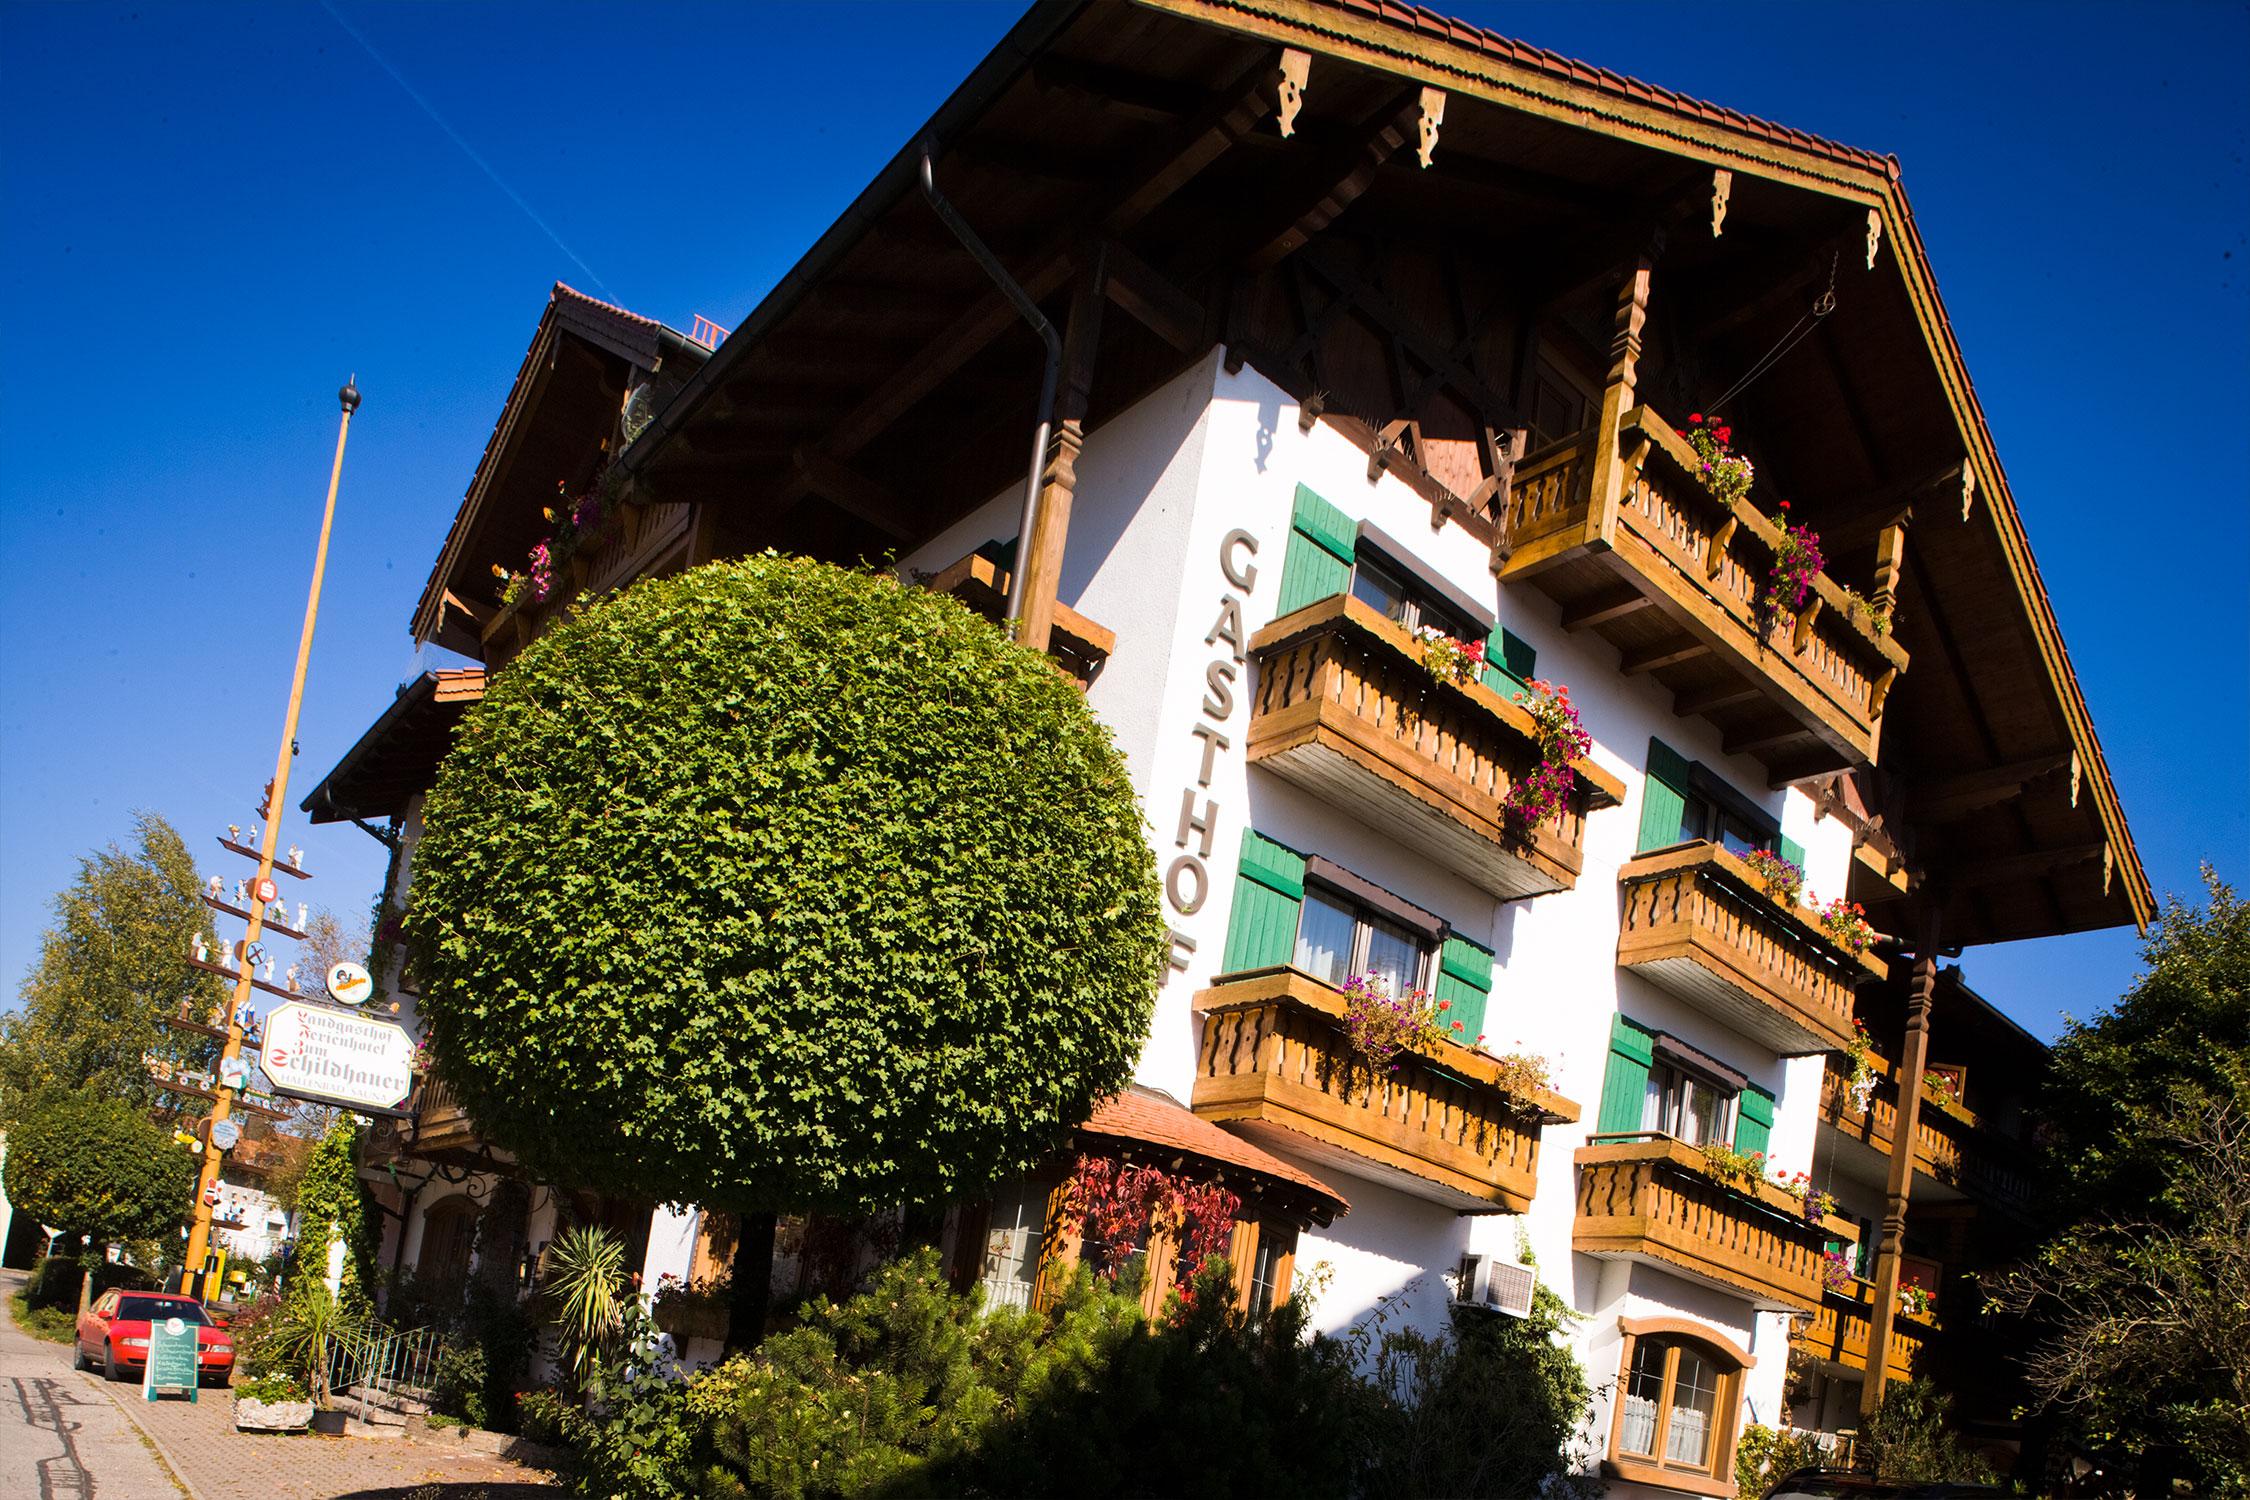 Hotel Gasthof zum Schildhauer - Chiemsee